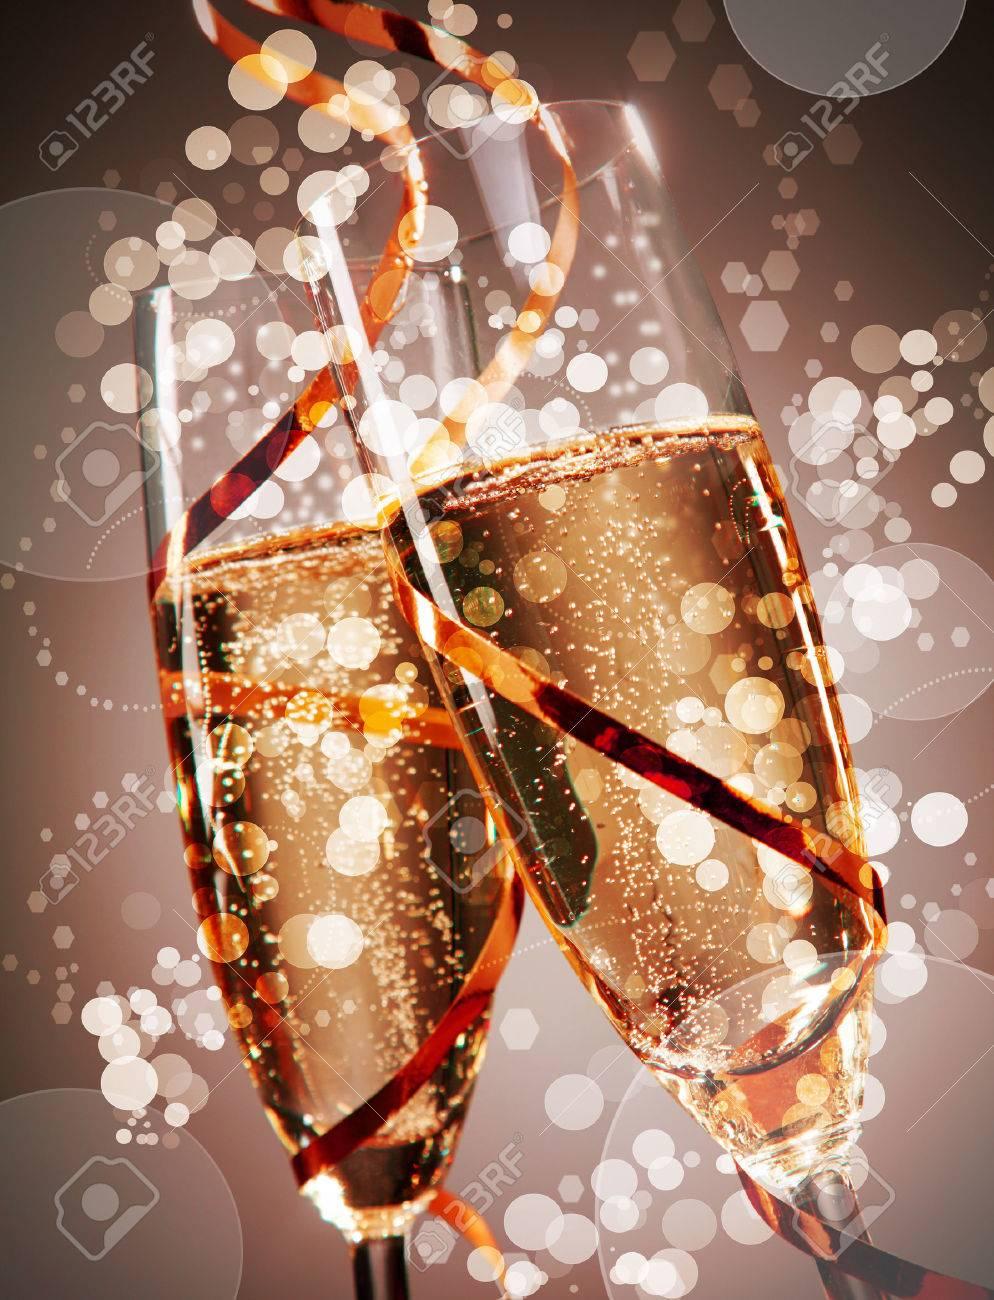 Deux Flutes De Champagne De Fete Petillante Avec Mousseux Bokeh Enroulees Ronde Avec Une Banderole Du Parti D Or Conceptuel D Un Mariage Nouvel An Ou D Une Fete D Anniversaire Banque D Images Et Photos Libres